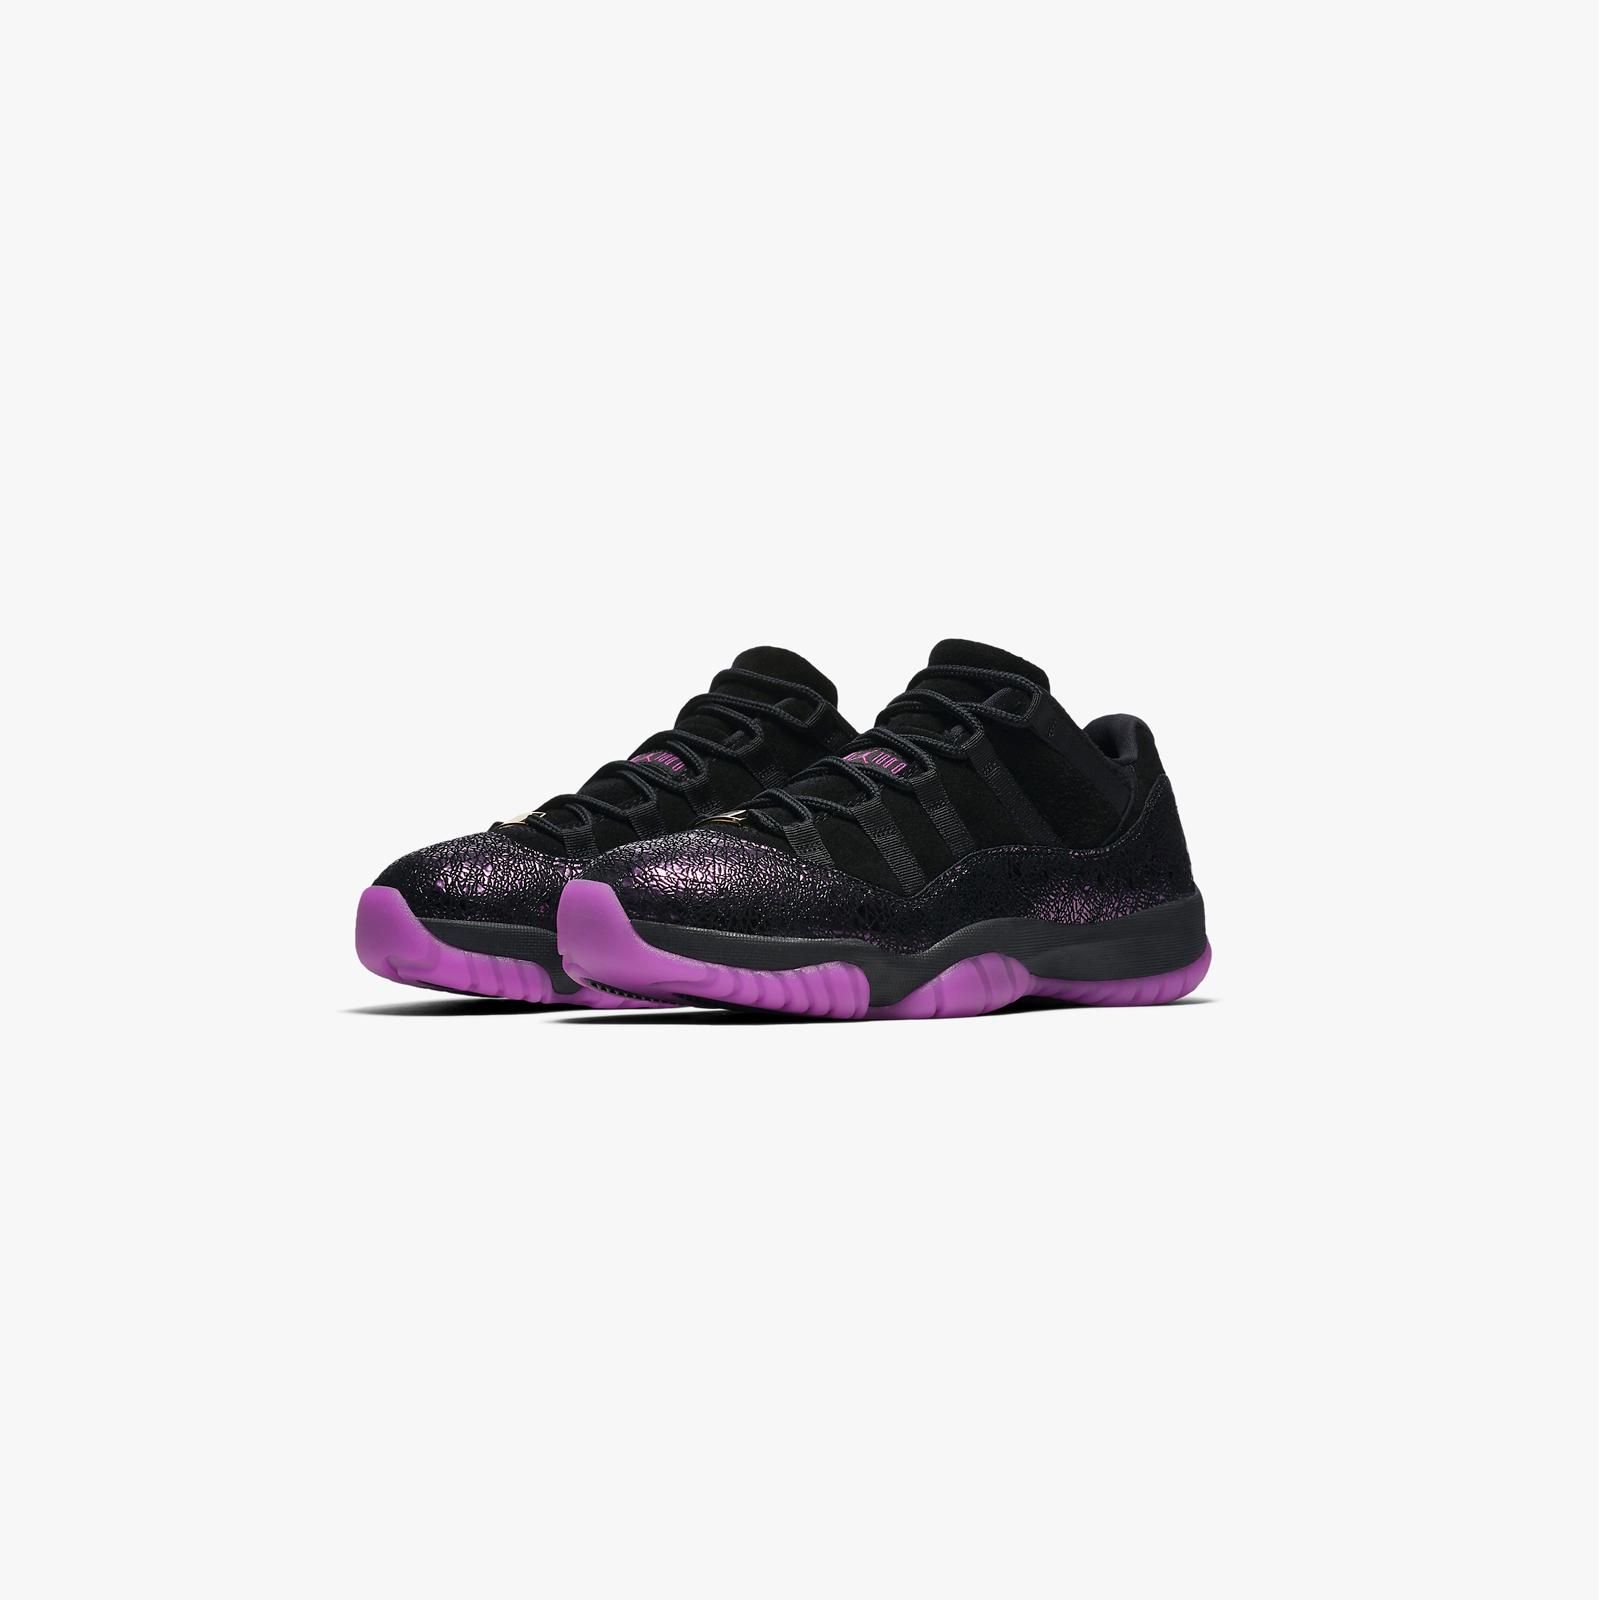 2bbe6e21468 Jordan Brand Wmns Air Jordan 11 RTR L Think 16 - Ar5149-005 -  Sneakersnstuff | sneakers & streetwear online since 1999